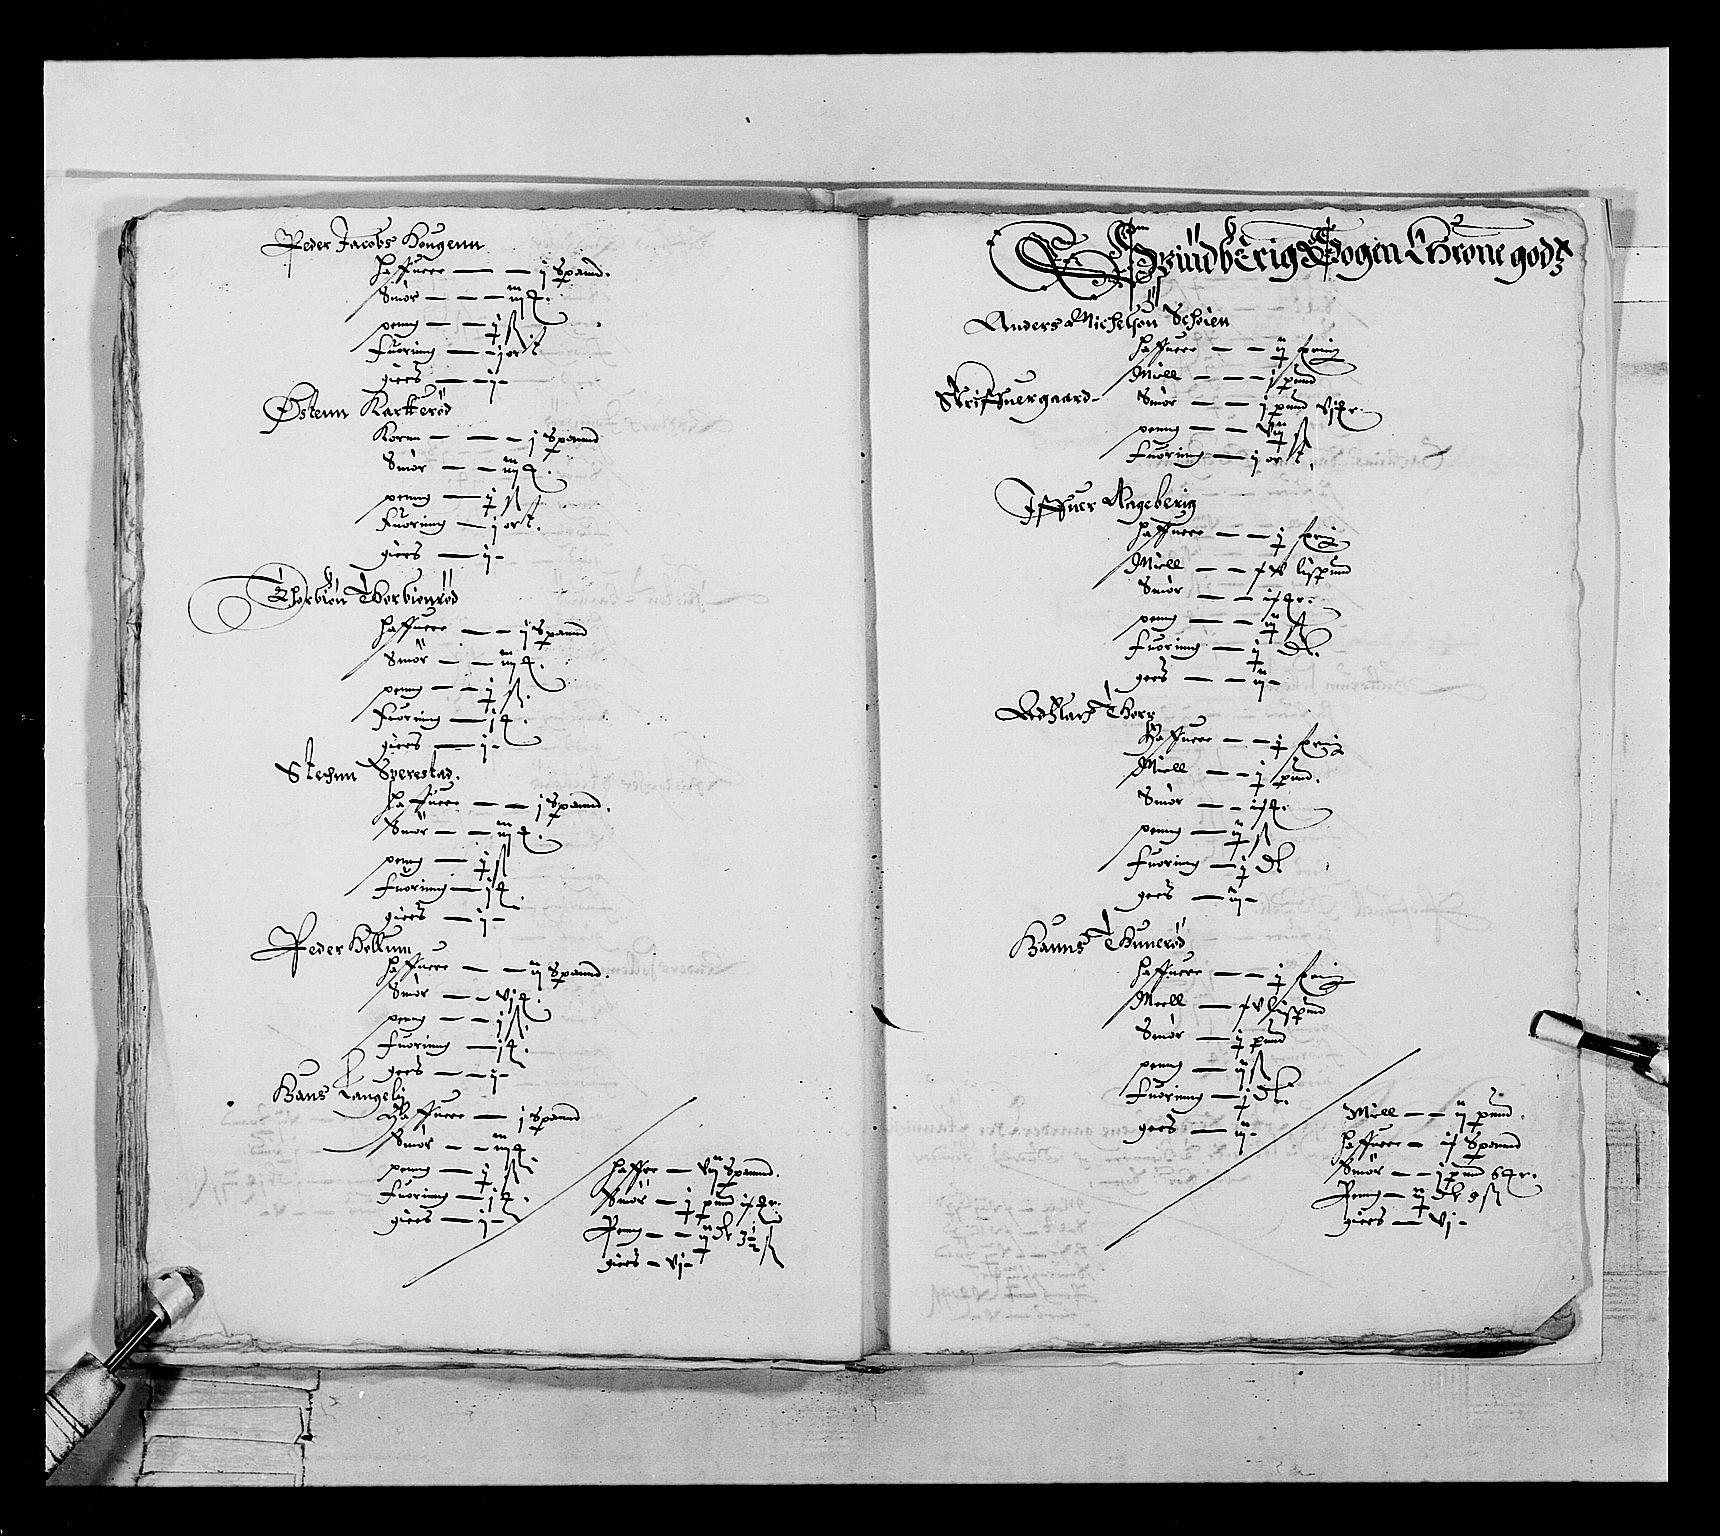 RA, Stattholderembetet 1572-1771, Ek/L0022: Jordebøker 1633-1658:, 1646-1647, s. 42